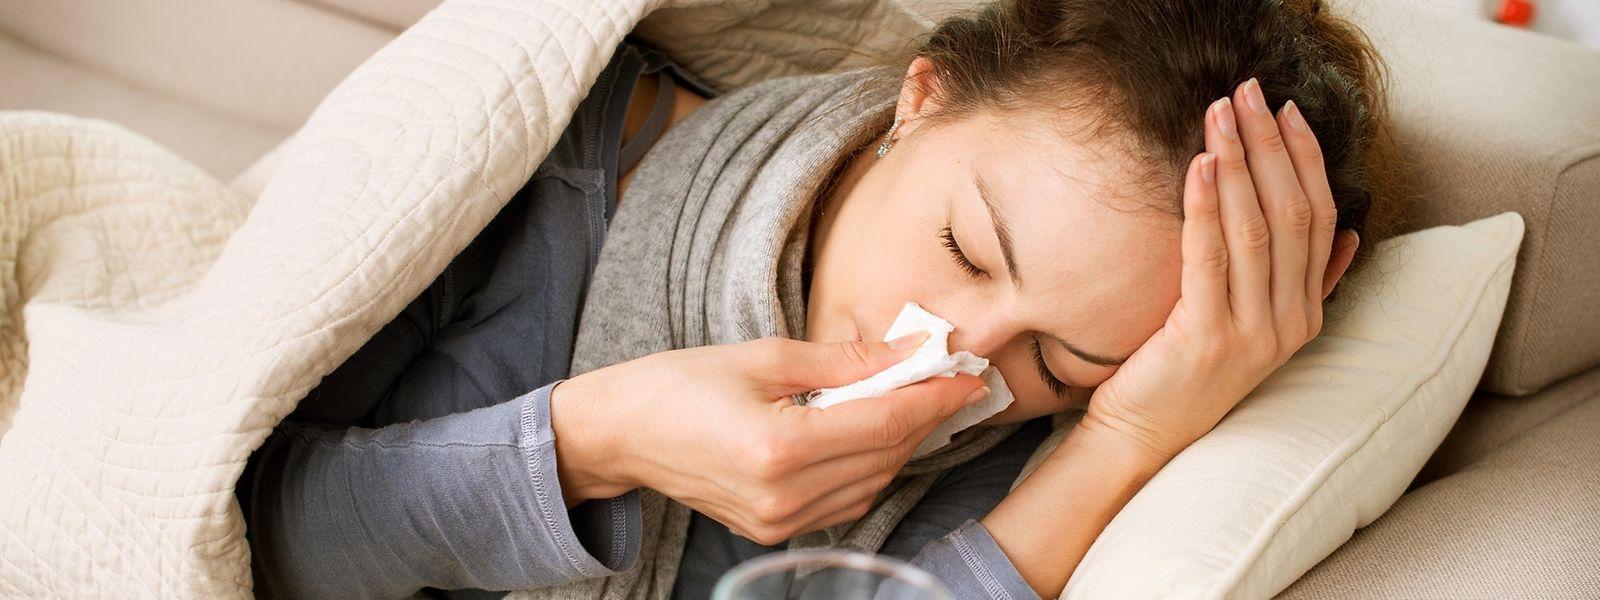 Eine echte Grippe wird durch Viren ausgelöst und beginnt meist plötzlich.